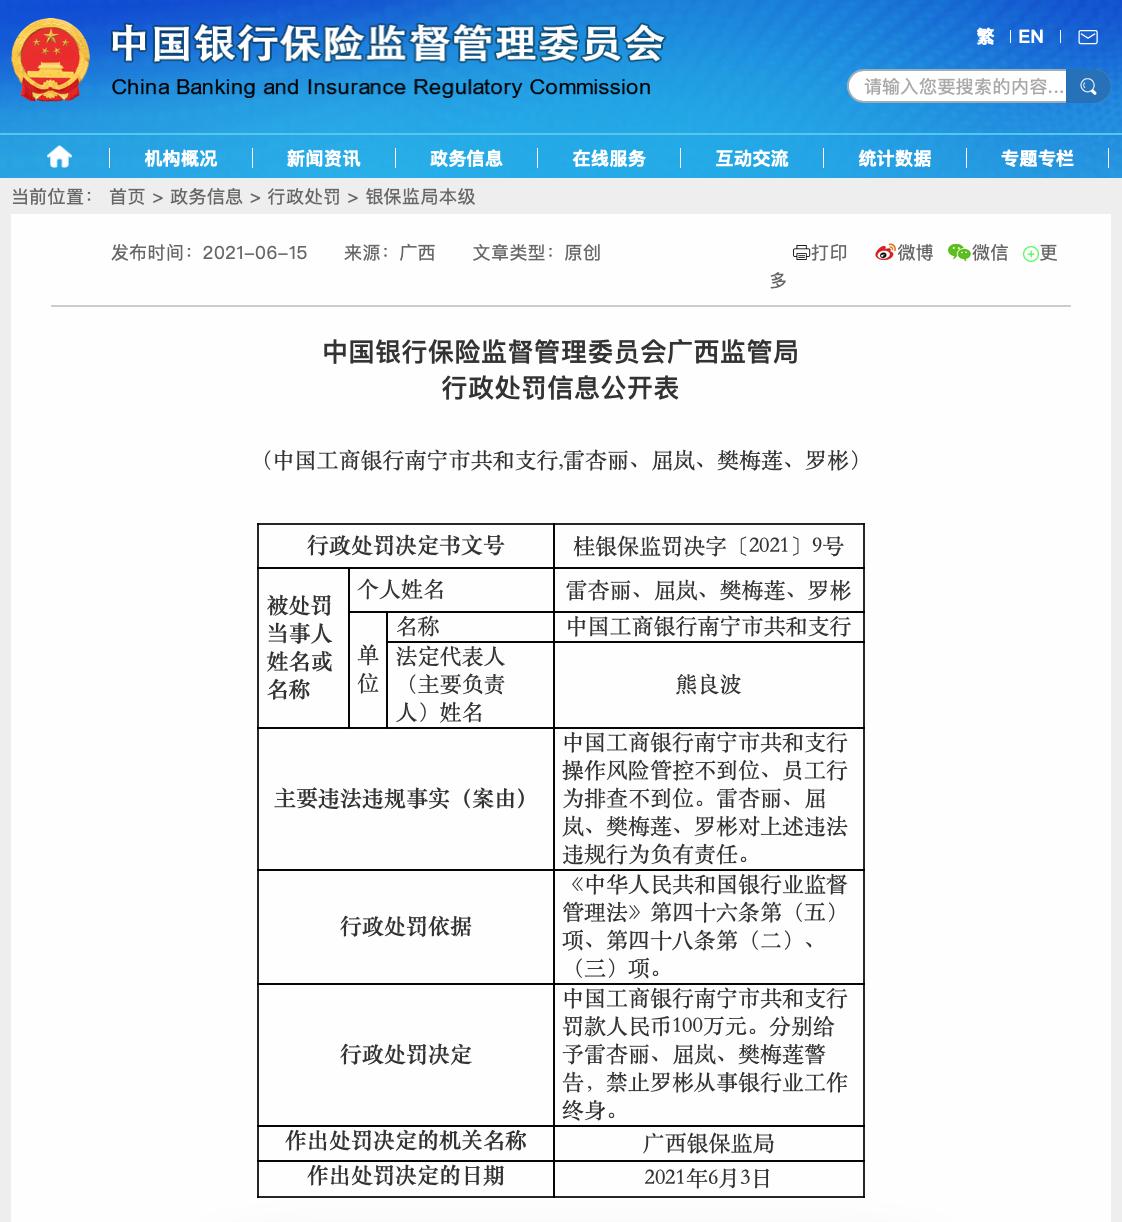 操作风险管控不到位 工行南宁市支行被罚100万元